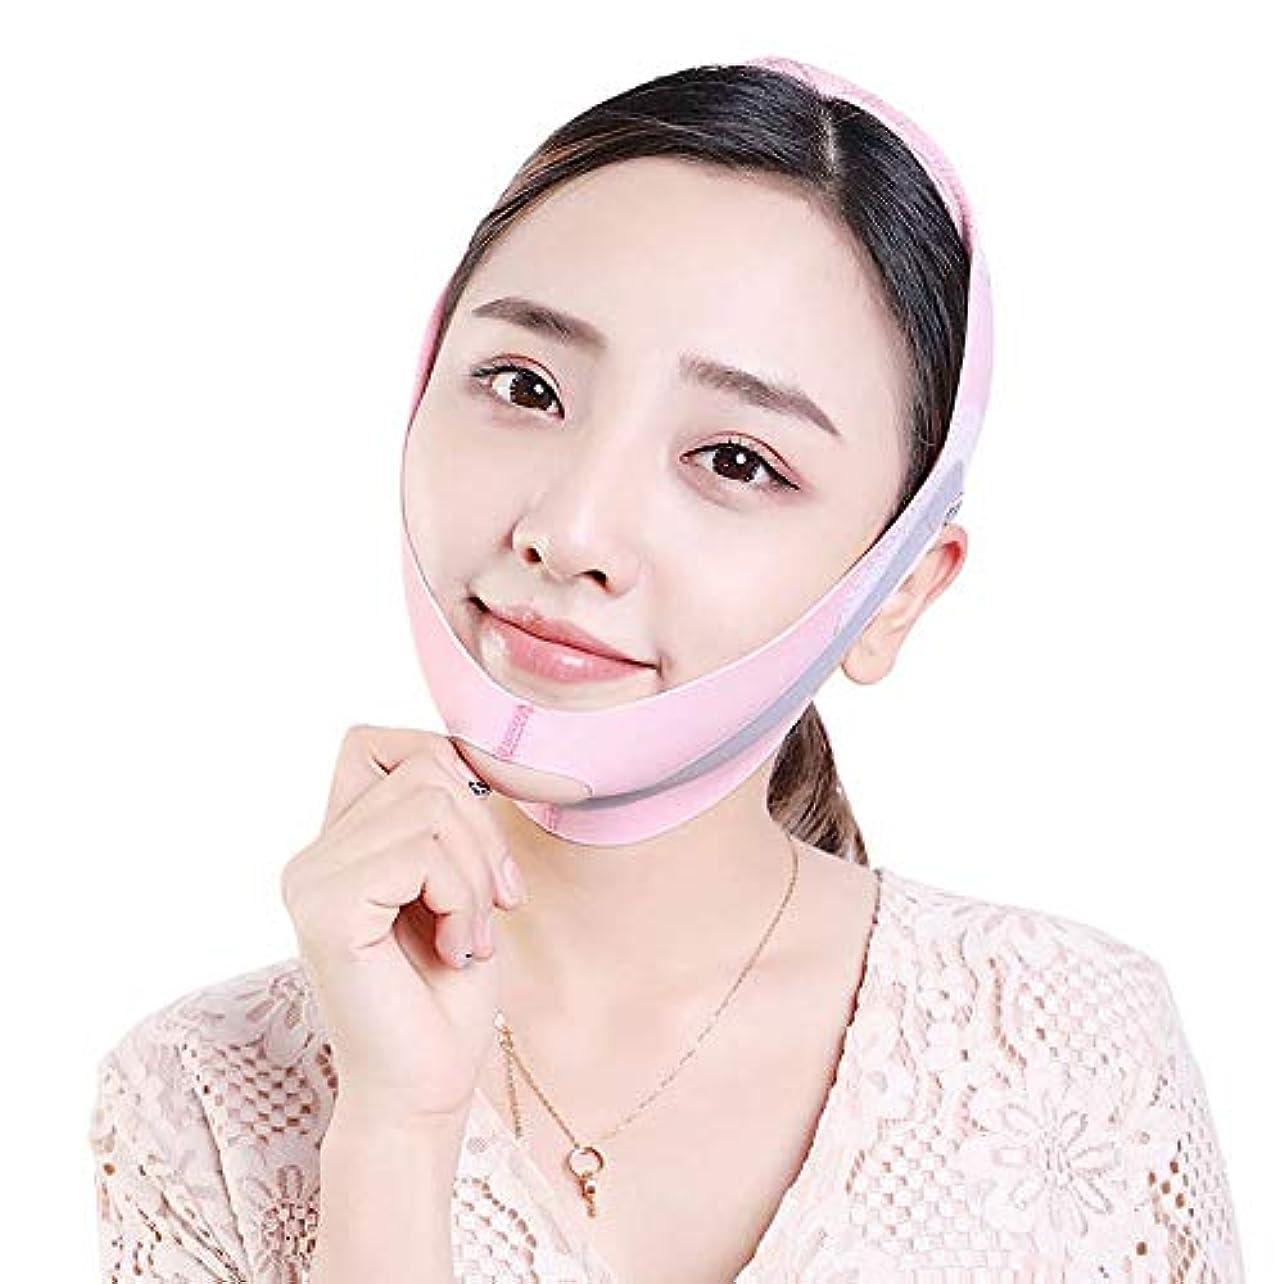 哺乳類応援する育成Minmin たるみを防ぐために顔を持ち上げるために筋肉を引き締めるために二重あごのステッカーとラインを削除するために、顔を持ち上げるアーティファクト包帯があります - ピンク みんみんVラインフェイスマスク